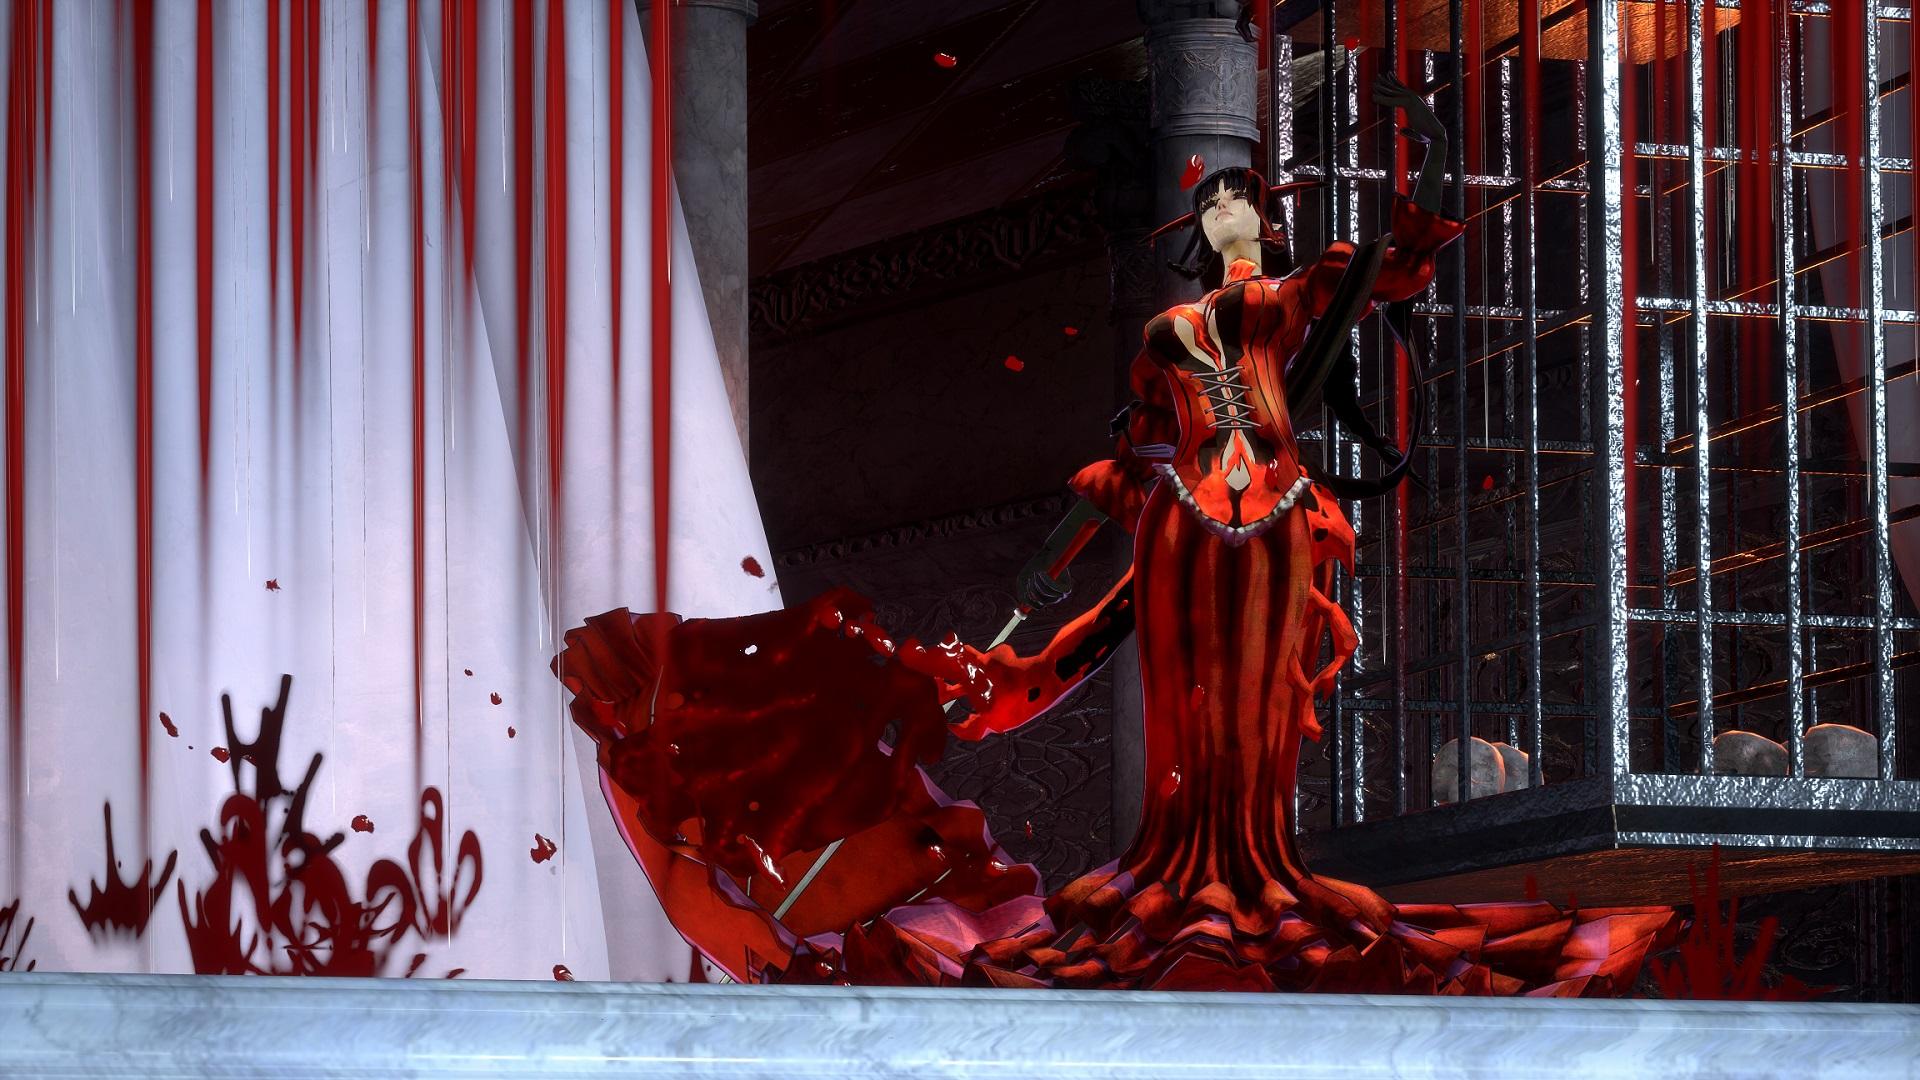 《血污:夜之仪式》进入关键开发期 双版本取消开发